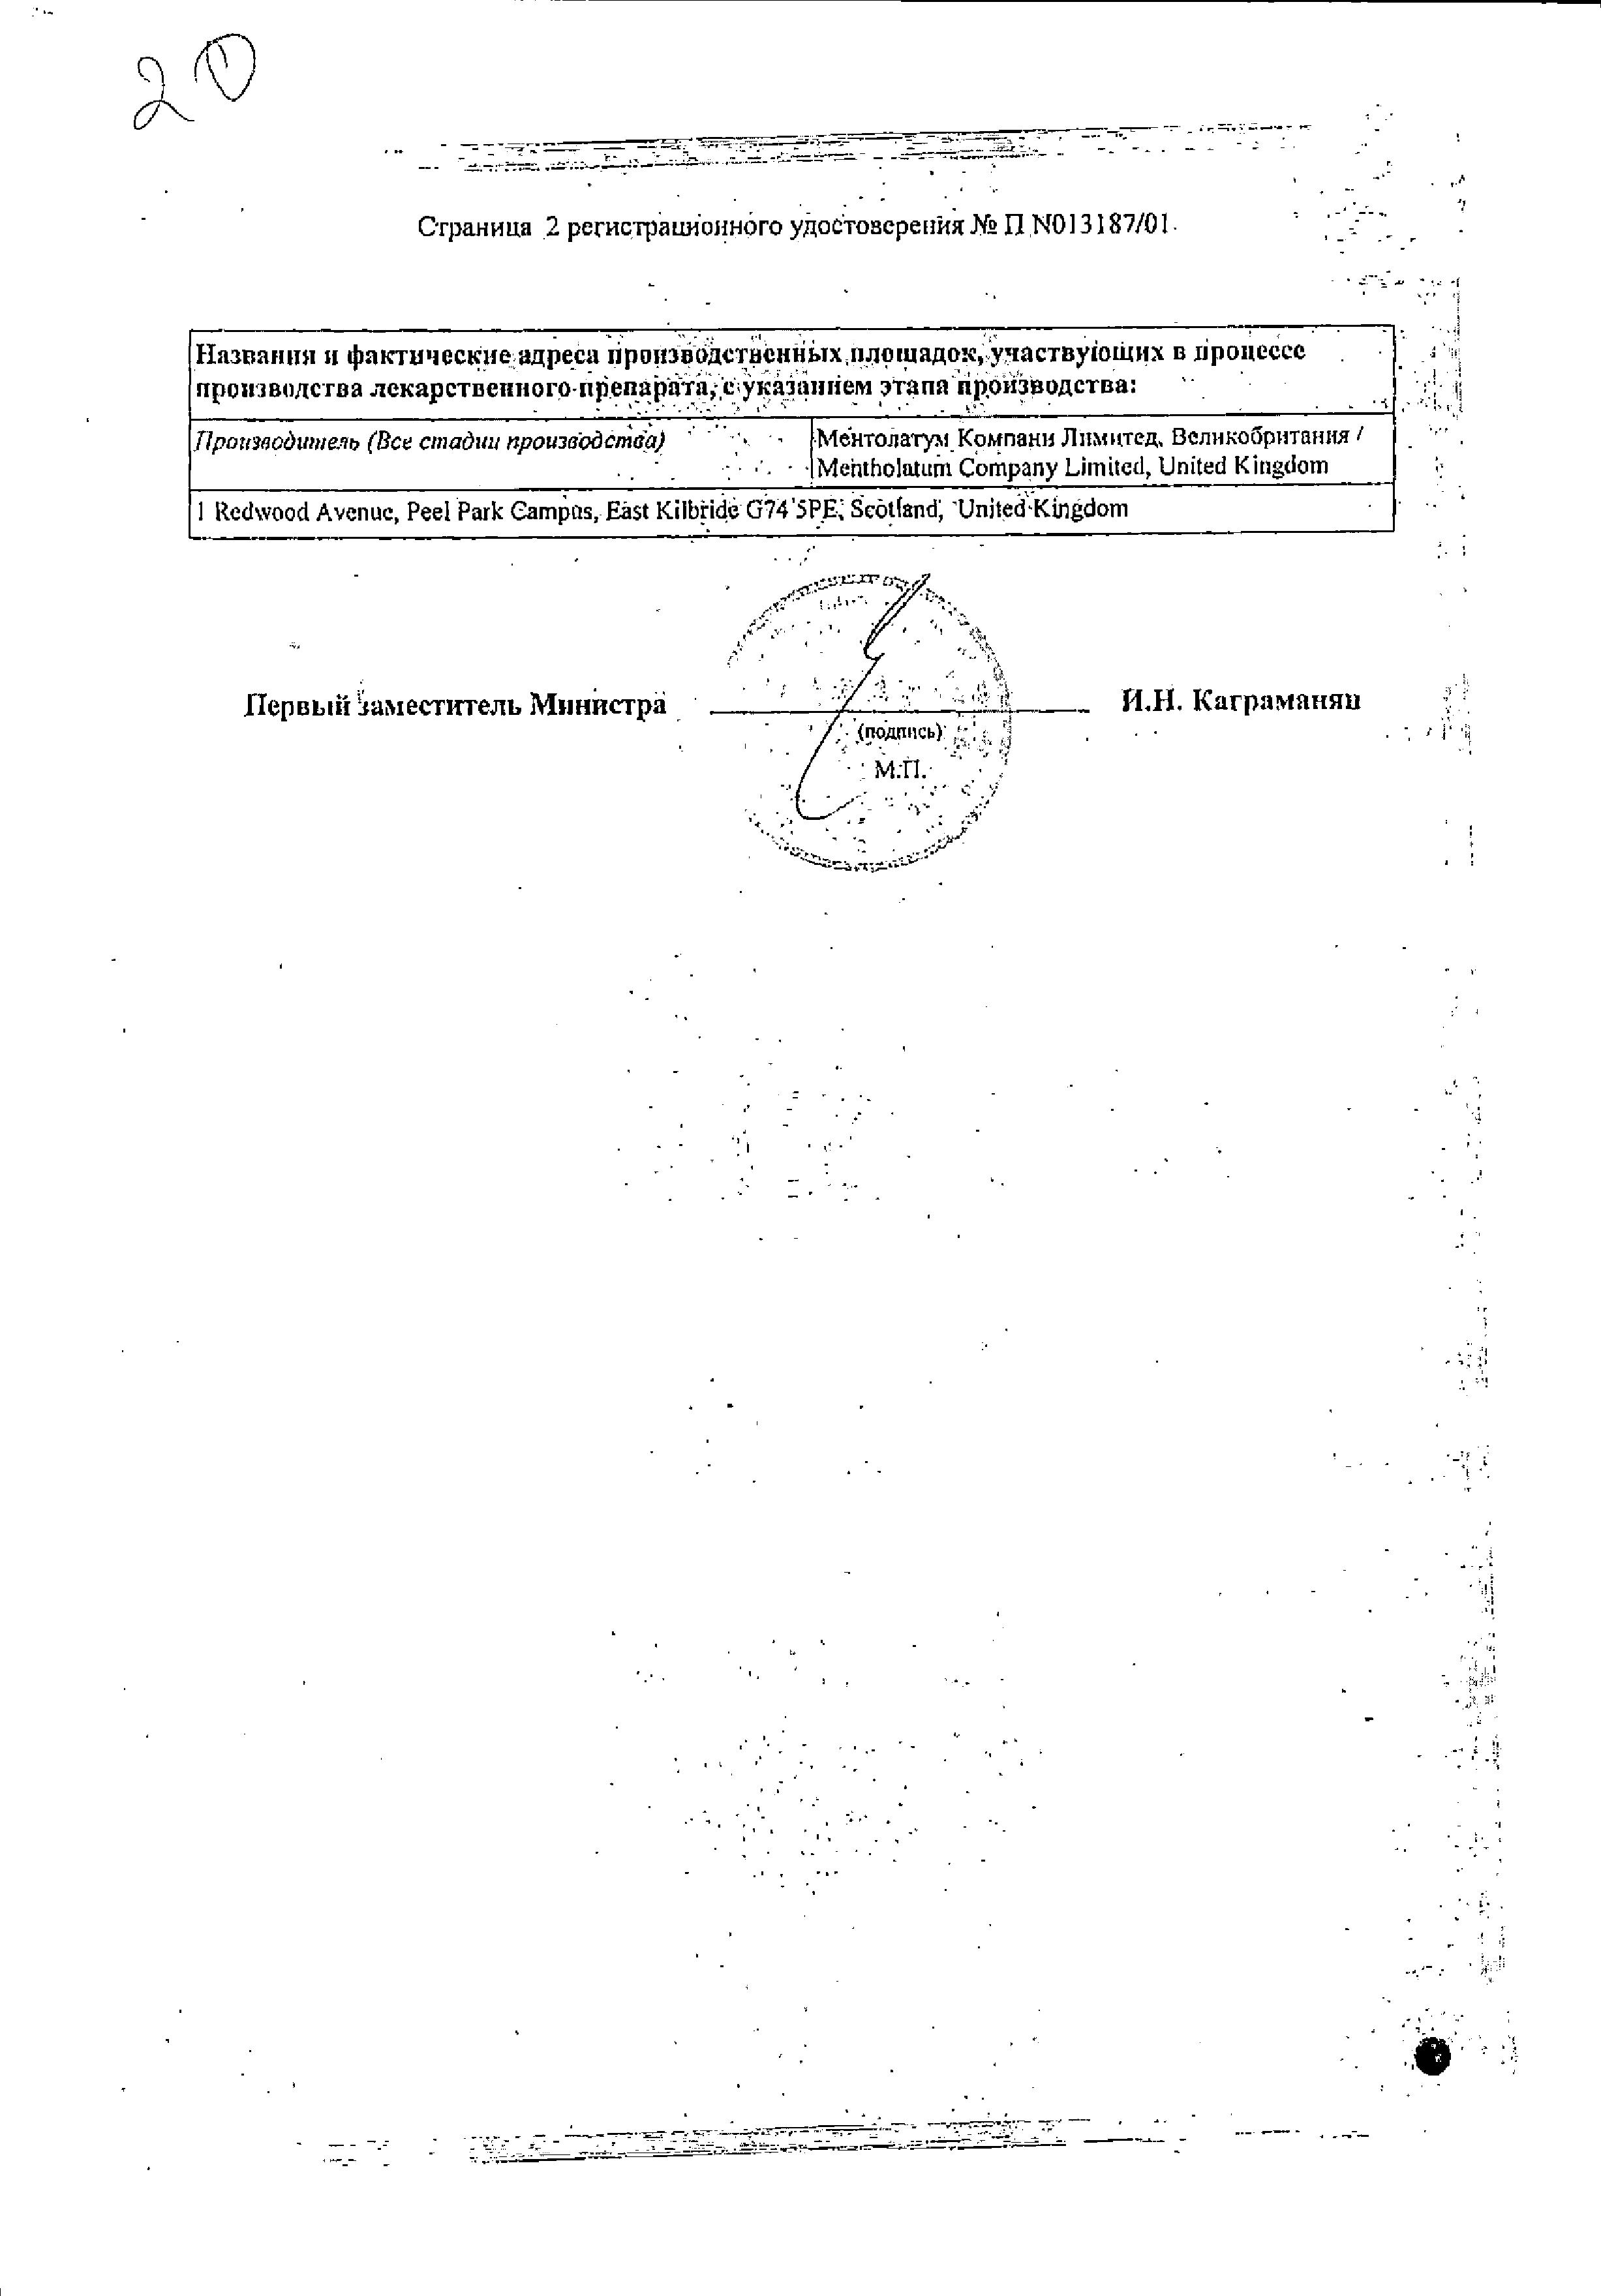 Дип Хит сертификат